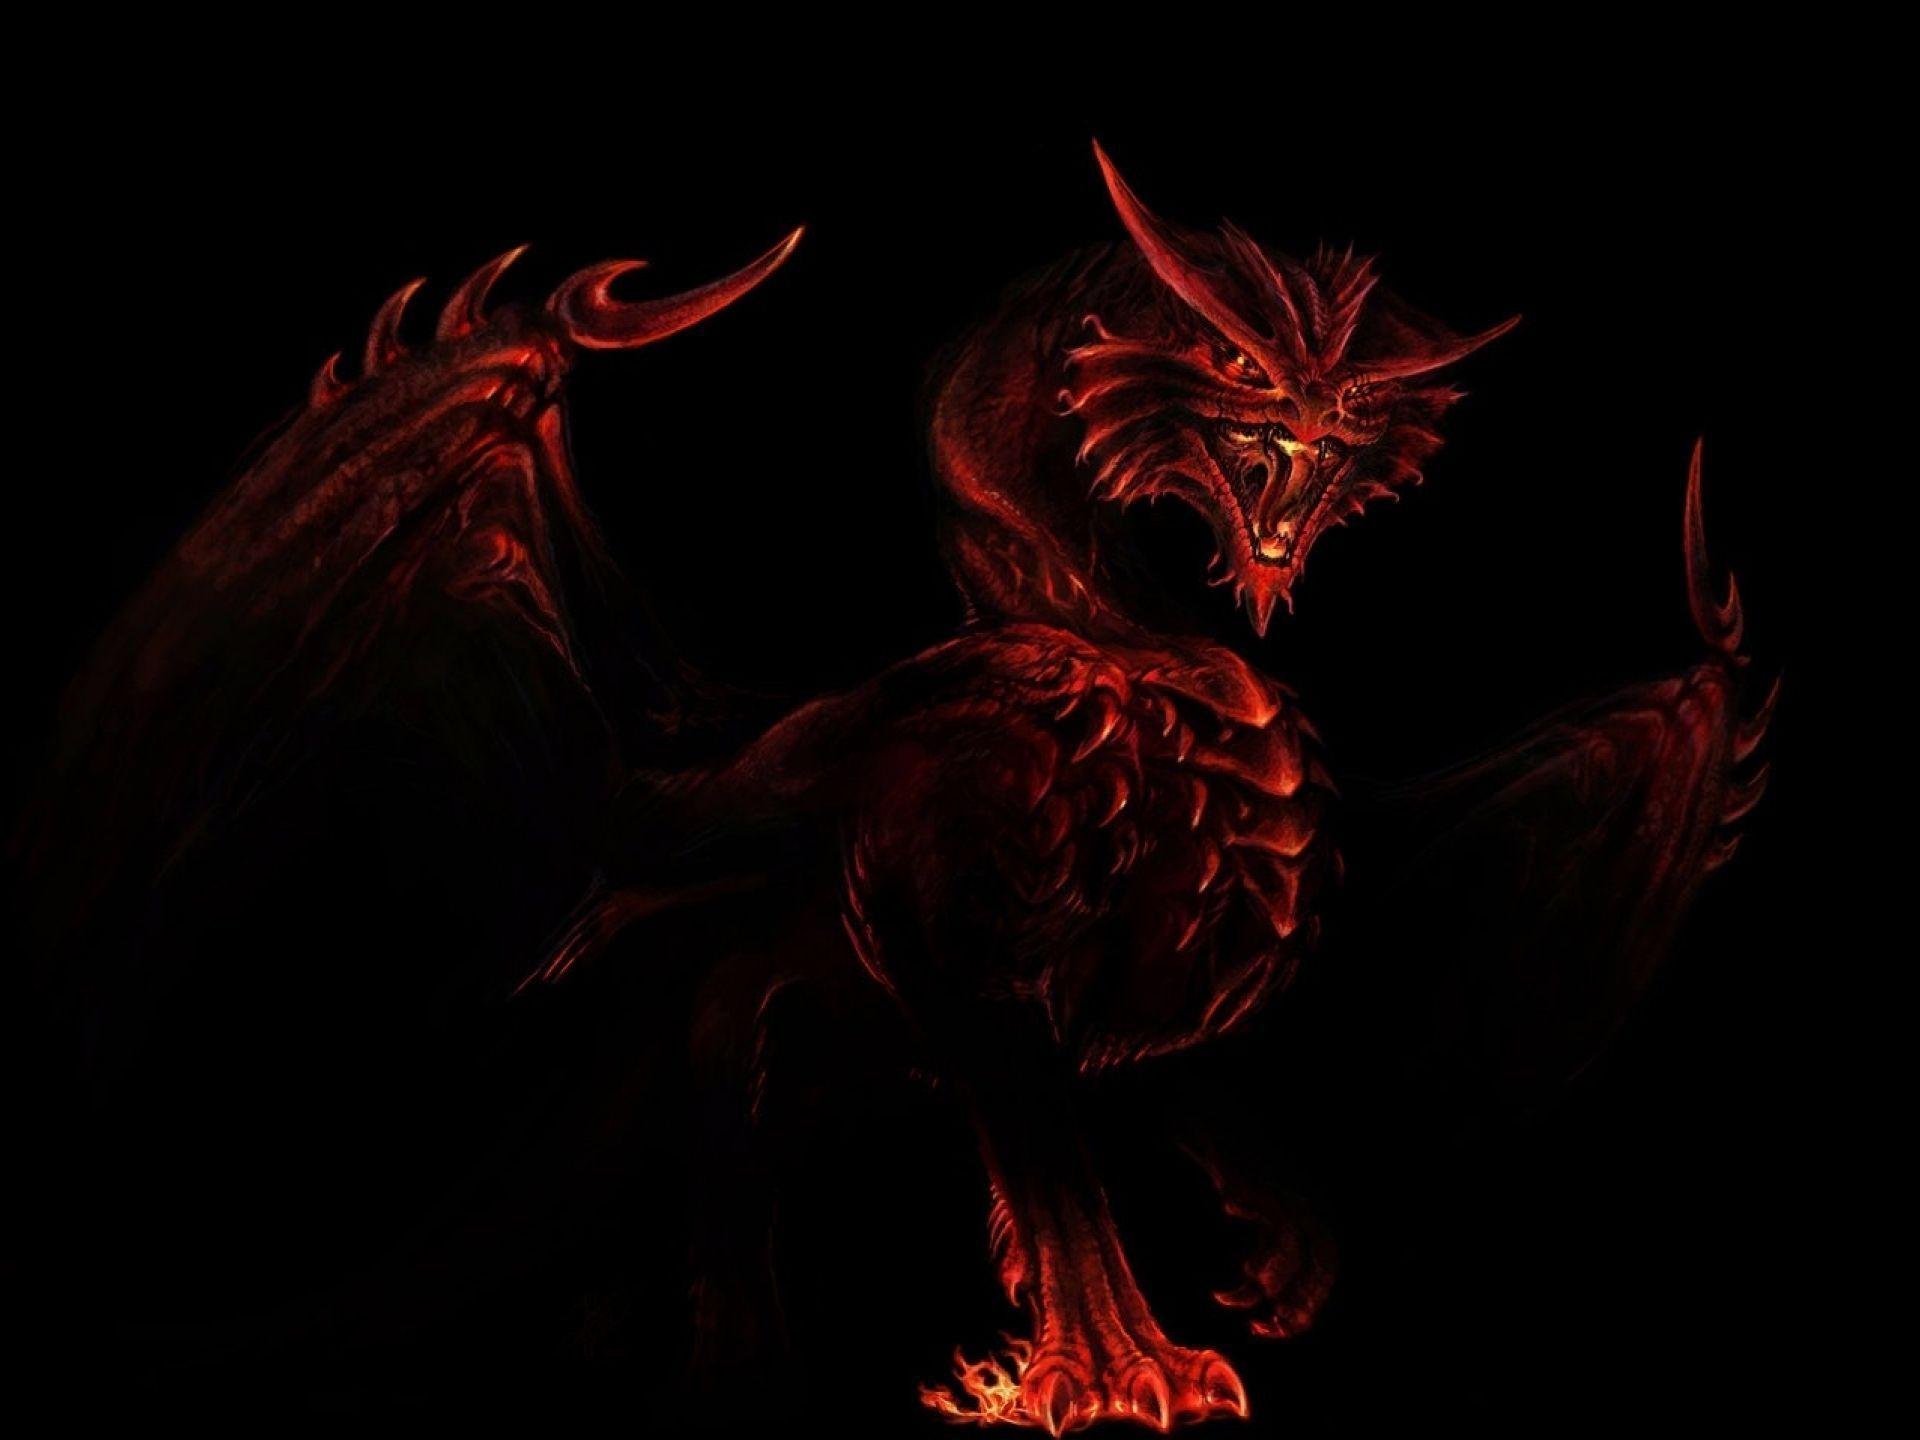 Dark Dragon Wallpapers Wallpaper Cave